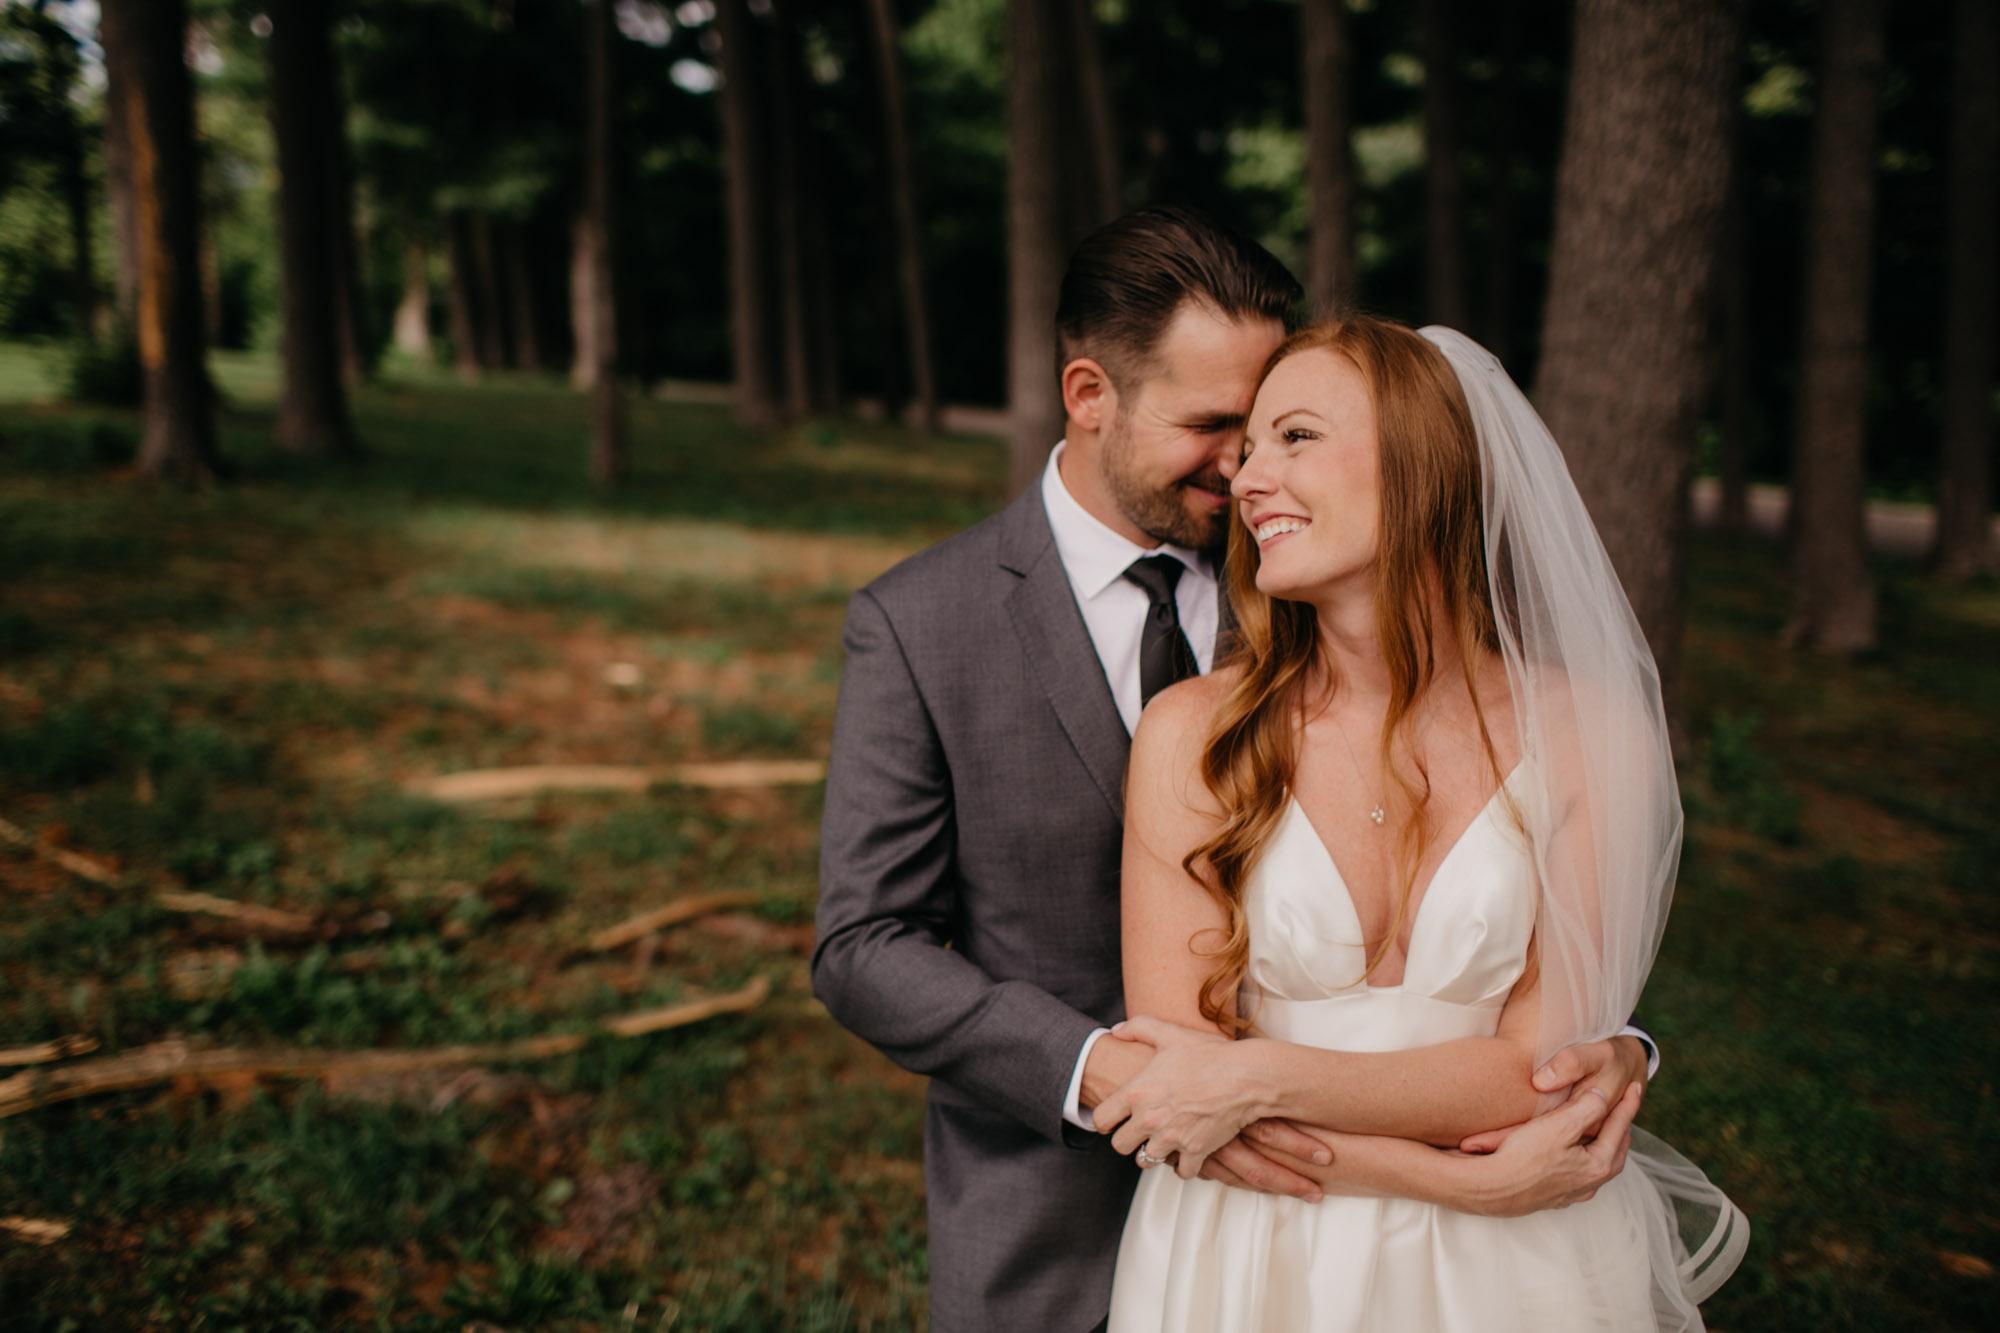 elmwood-park-wedding-photographer-nicole-jon-16.jpg